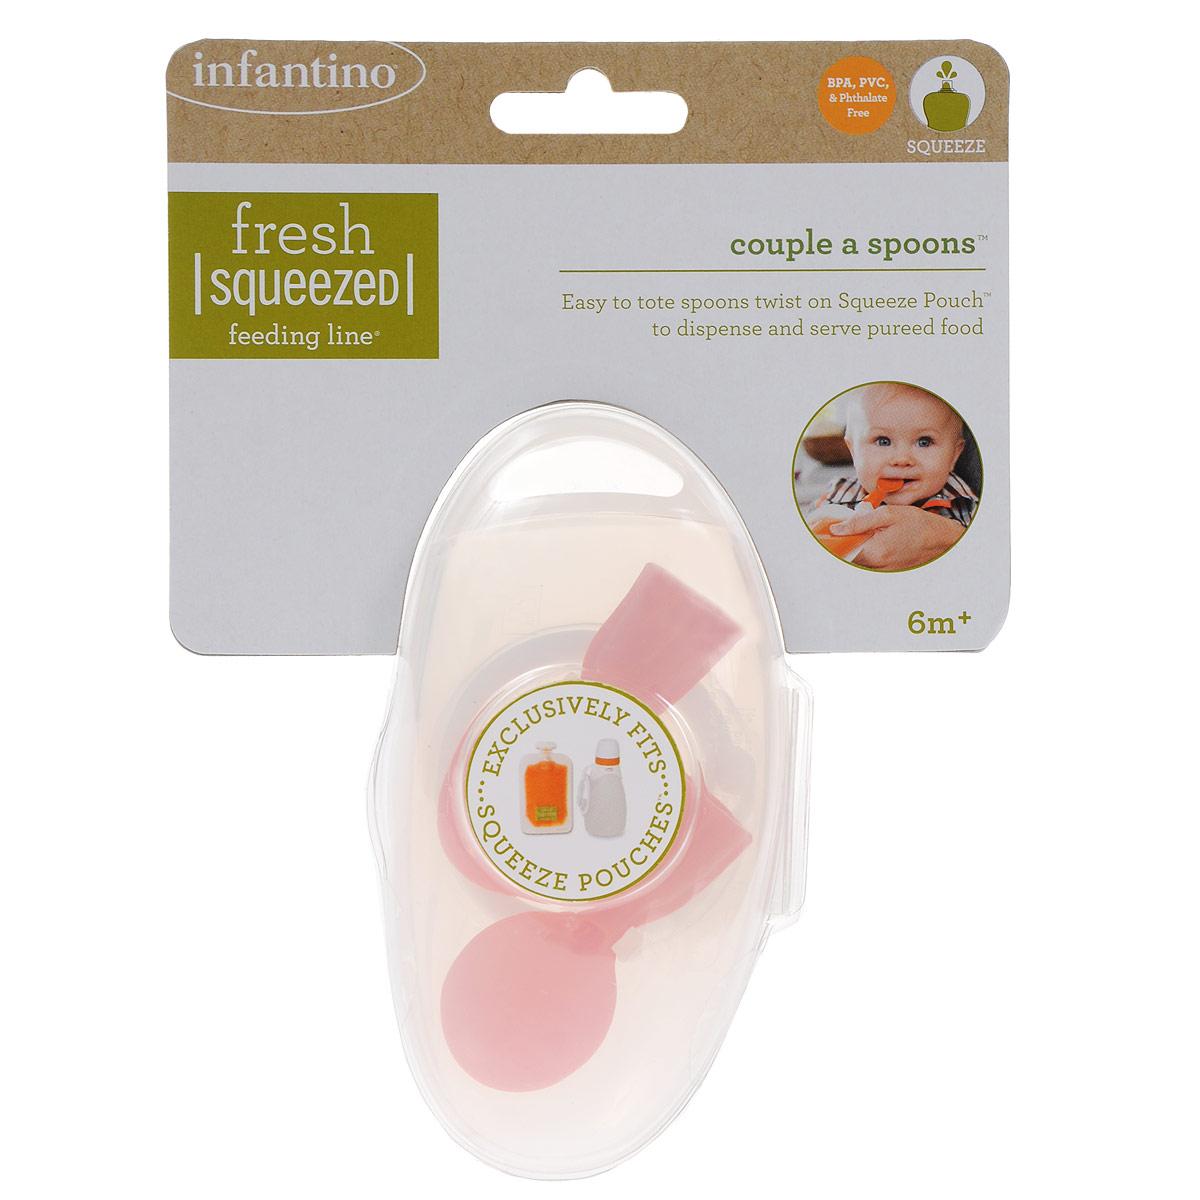 Ложечка для мягкой упаковки Infantino Couple a Spoons, цвет: оранжевый, 2 шт508-106Ложечка для мягкой упаковки Infantino Couple a Spoons позволит вам быстро и аккуратно накормить ребенка практически на ходу. Ложечка-насадка, выполненная из безопасного пластика без содержания бисфенола-А и поливинилхлорида, предназначена для малышей от 6 месяцев. Ложечка навинчивается прямо на носик мягких пакетиков Squeeze Pouches и бутылочки Infantino. В основании ложки имеется отверстие, через которое в нее легко выдавливается содержимое пакетика. В комплекте 2 ложки-насадки, упакованные в пластиковый футляр для хранения и транспортировки. Чехол снабжен съемной клипсой-застежкой, с помощью которой его можно прикрепить к сумке, коляске или автокреслу. Подходят для использования в посудомоечной машине.